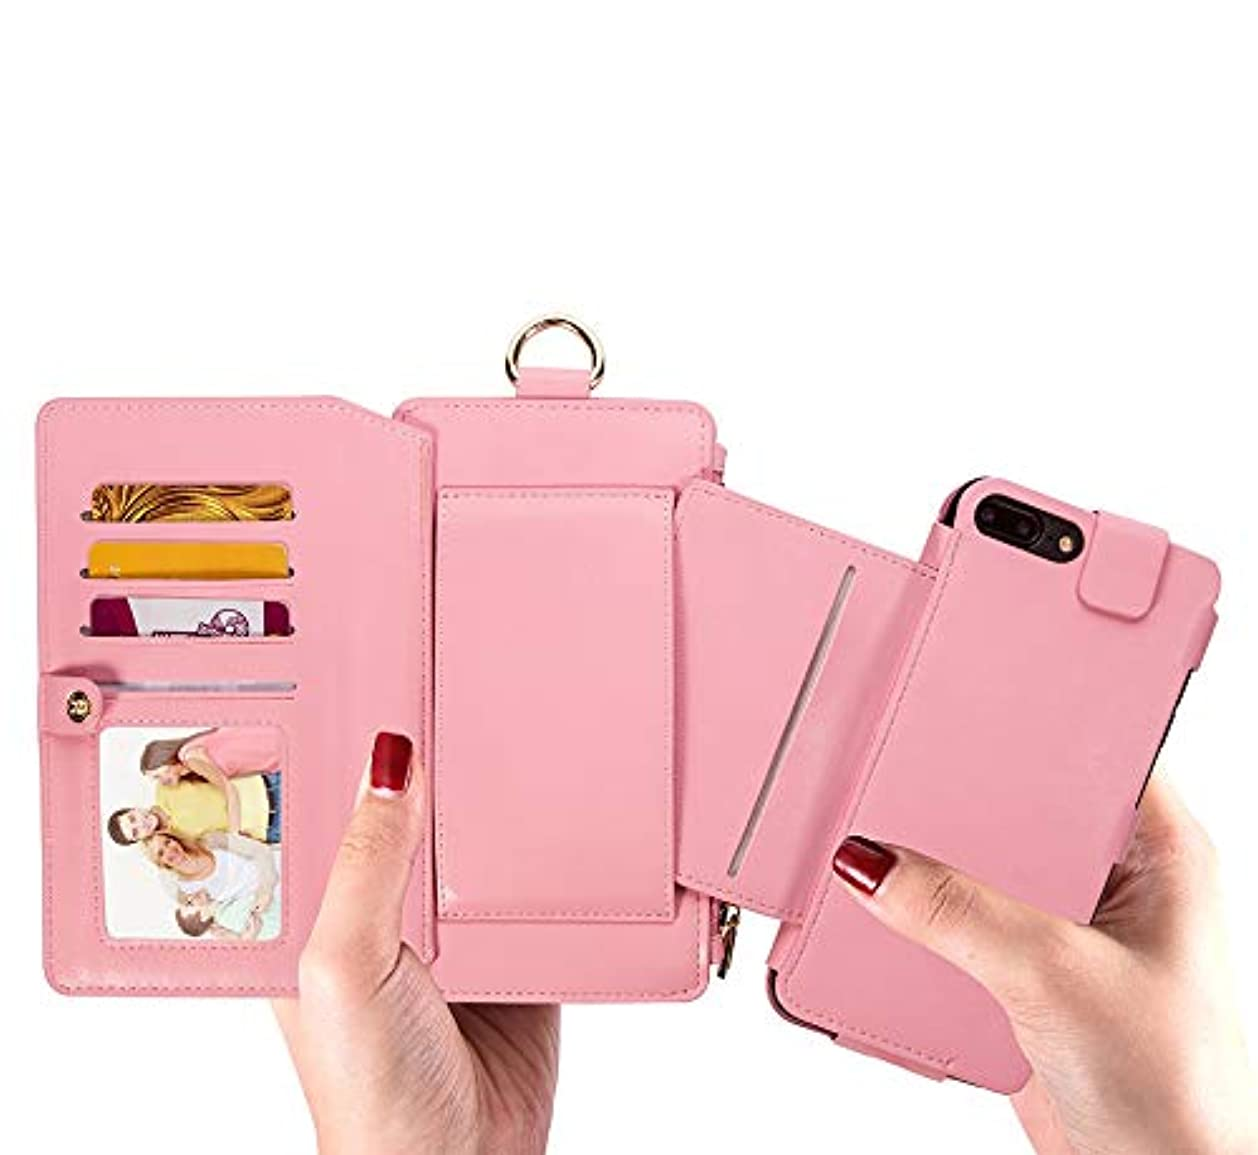 予測する飛行機虚栄心iPhone 7 パソコンExit包保護套 - 折りたたみ保護袖 - 立ちブラケット-ビジネススタイル-全身保護-内殻金属リング-12札入れ-相枠-取り外し可能な電話ケース財布 4.7インチiPhone 7 / iPhone...